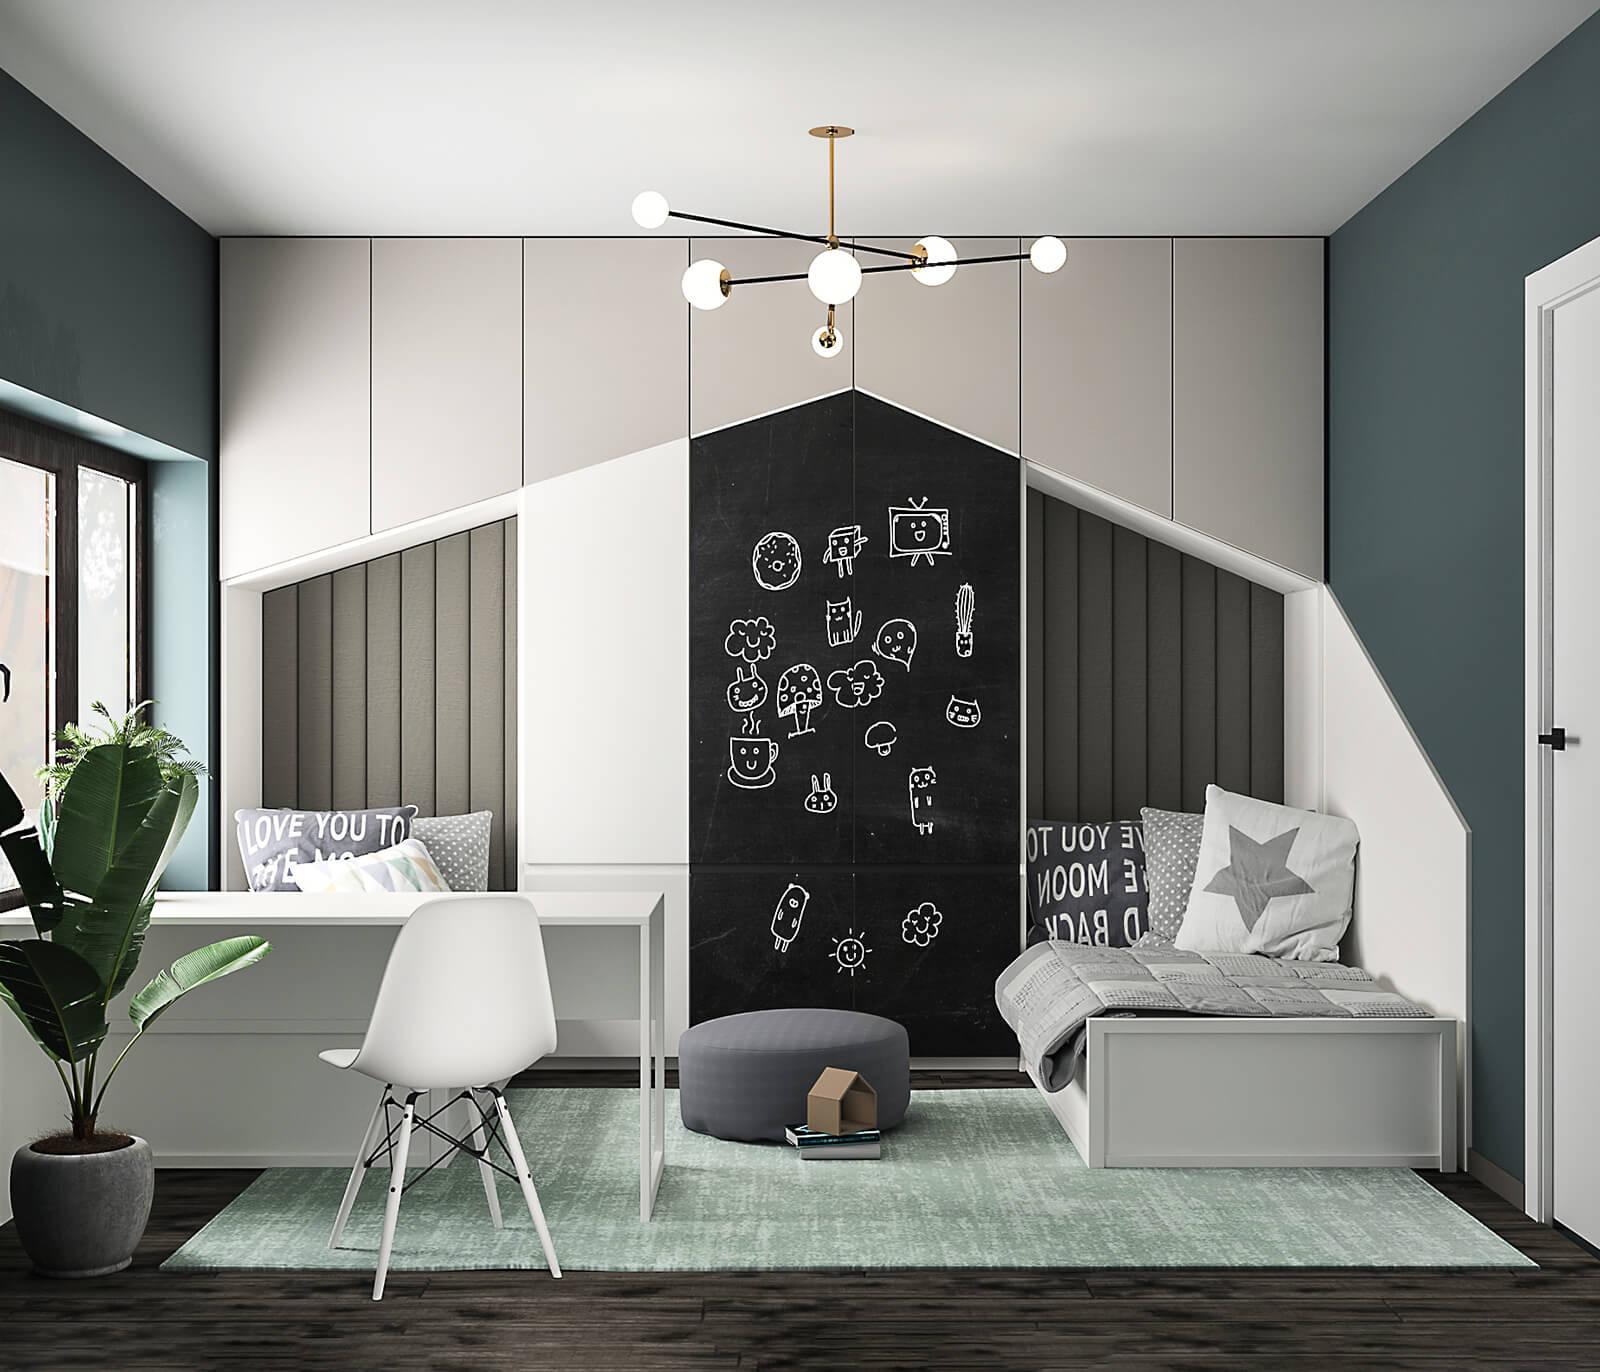 interioren-dizain-proekt-na-detska-staya-albedo-et-II-1